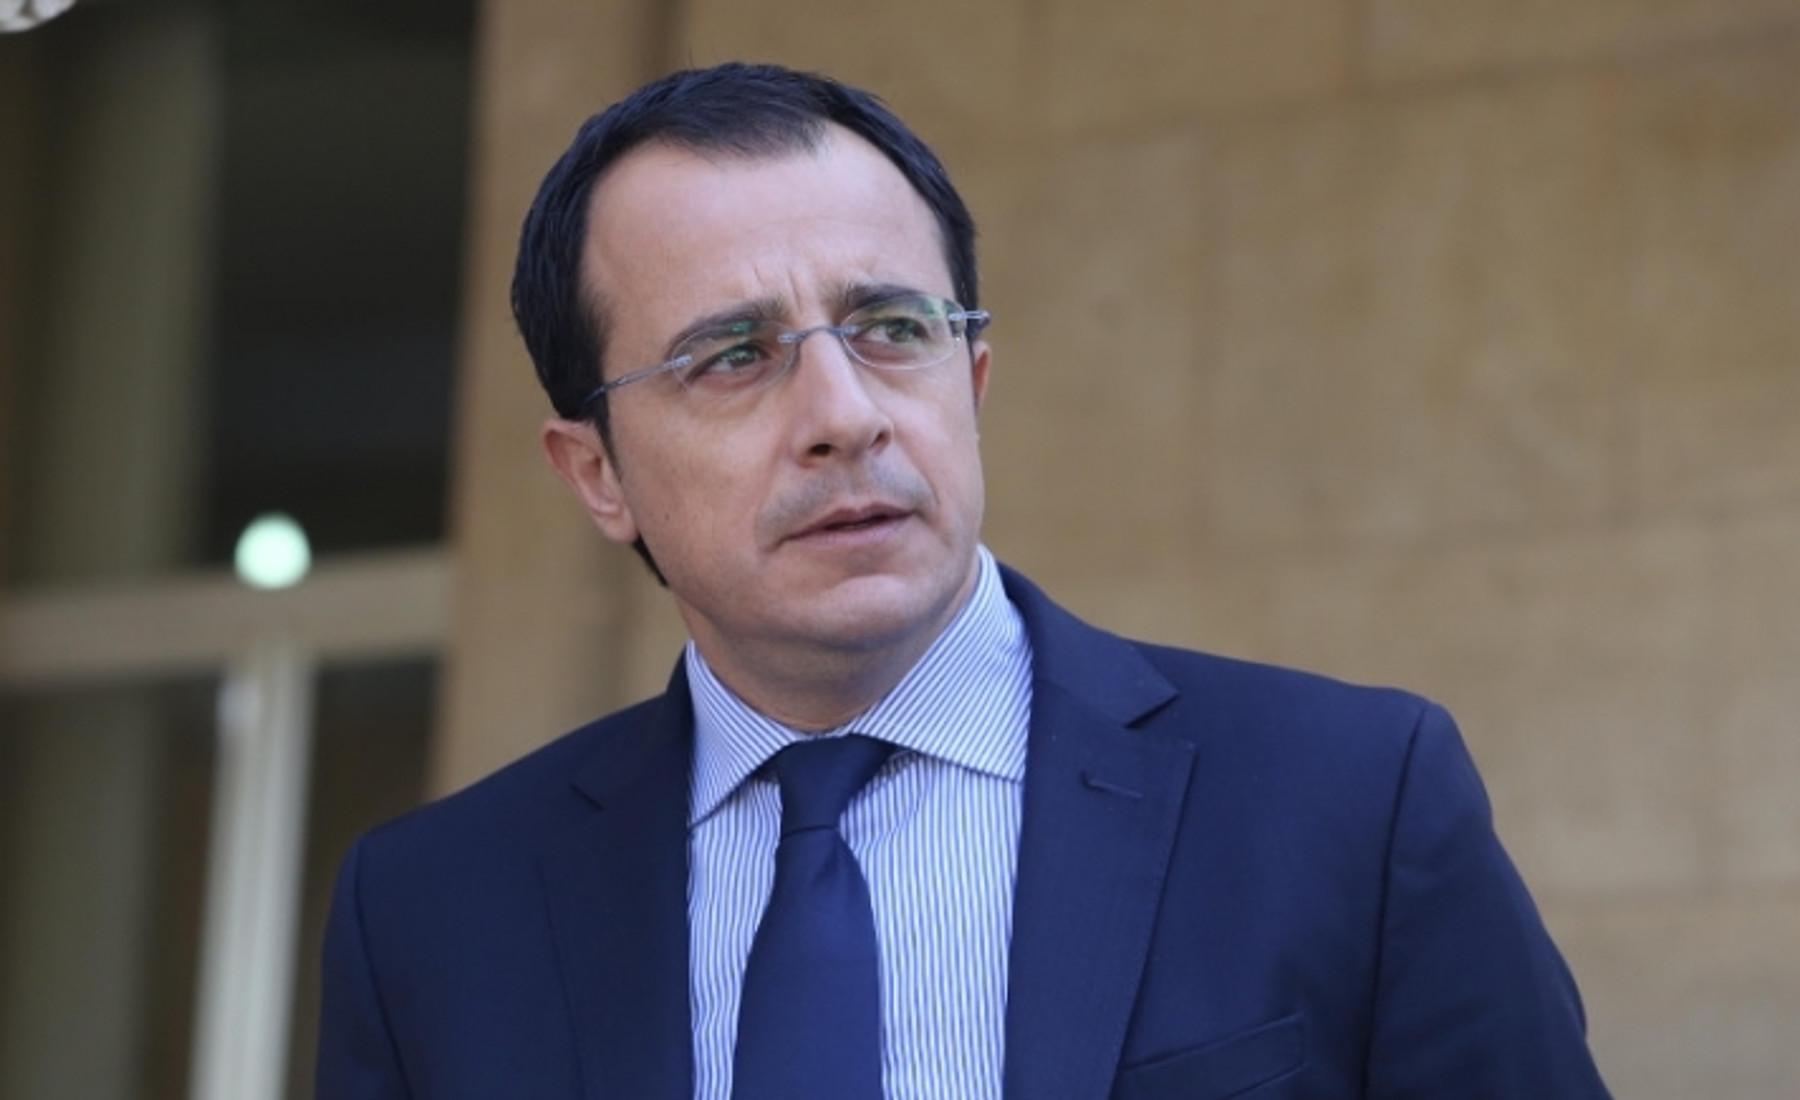 ΥΠΕΞ Κύπρου: Σοβαρή αποσχιστική κίνηση με «προξενείο»